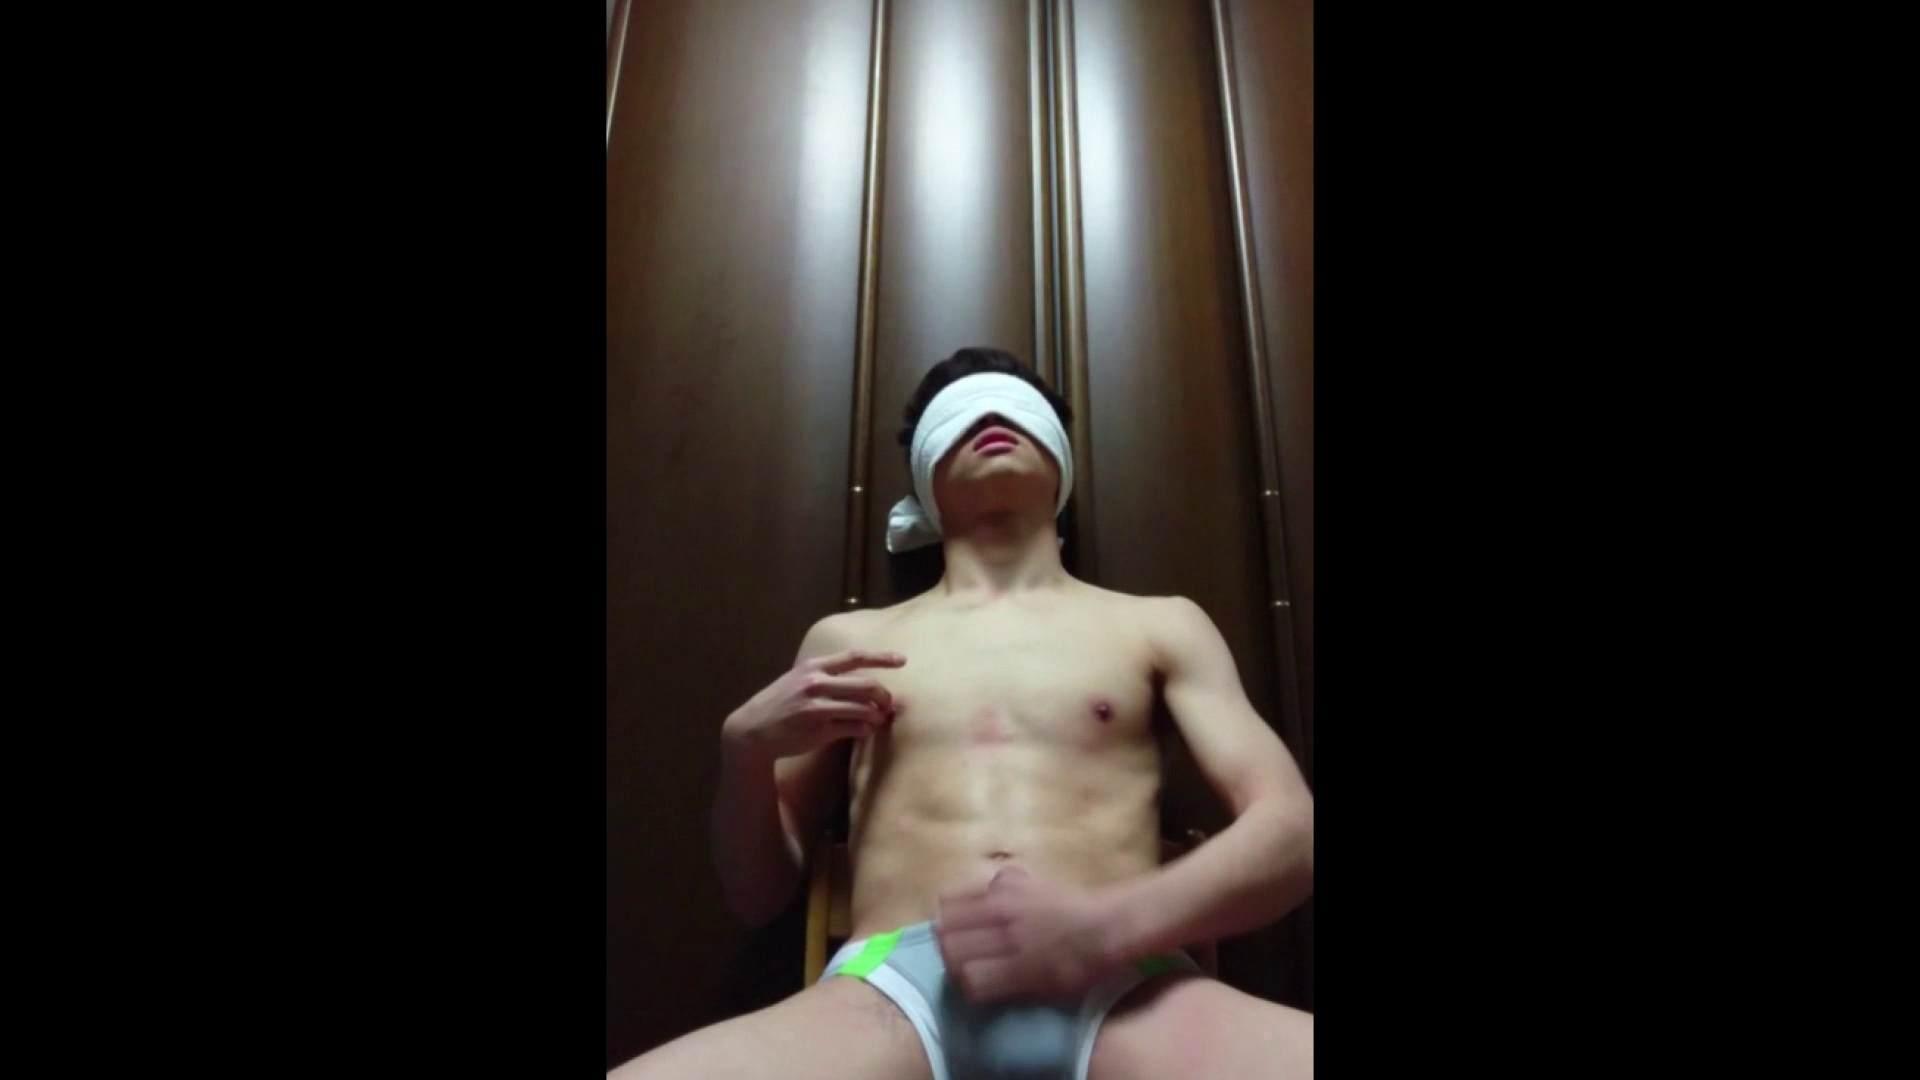 個人撮影 自慰の極意 Vol.21 オナニー  59pic 59